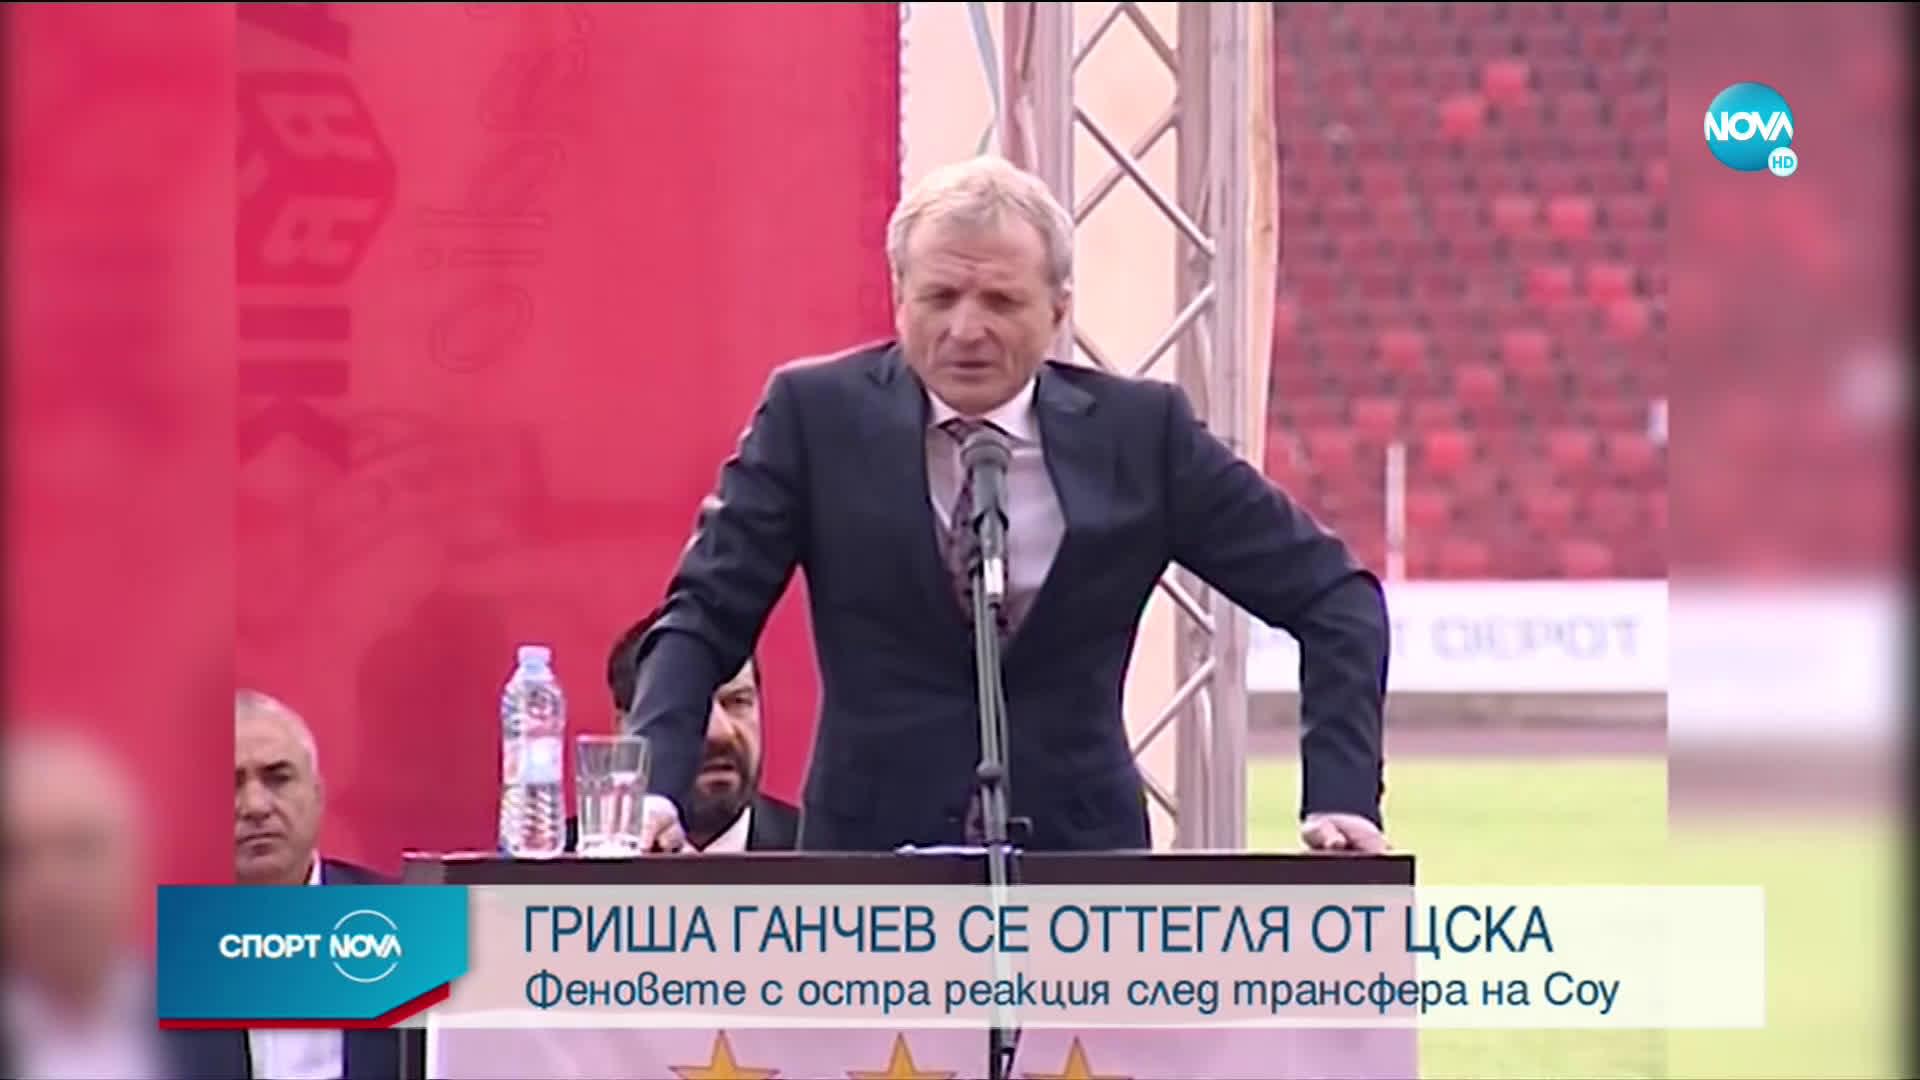 Гриша Ганчев хвърли голямата бомба: Оттегля се от ЦСКА